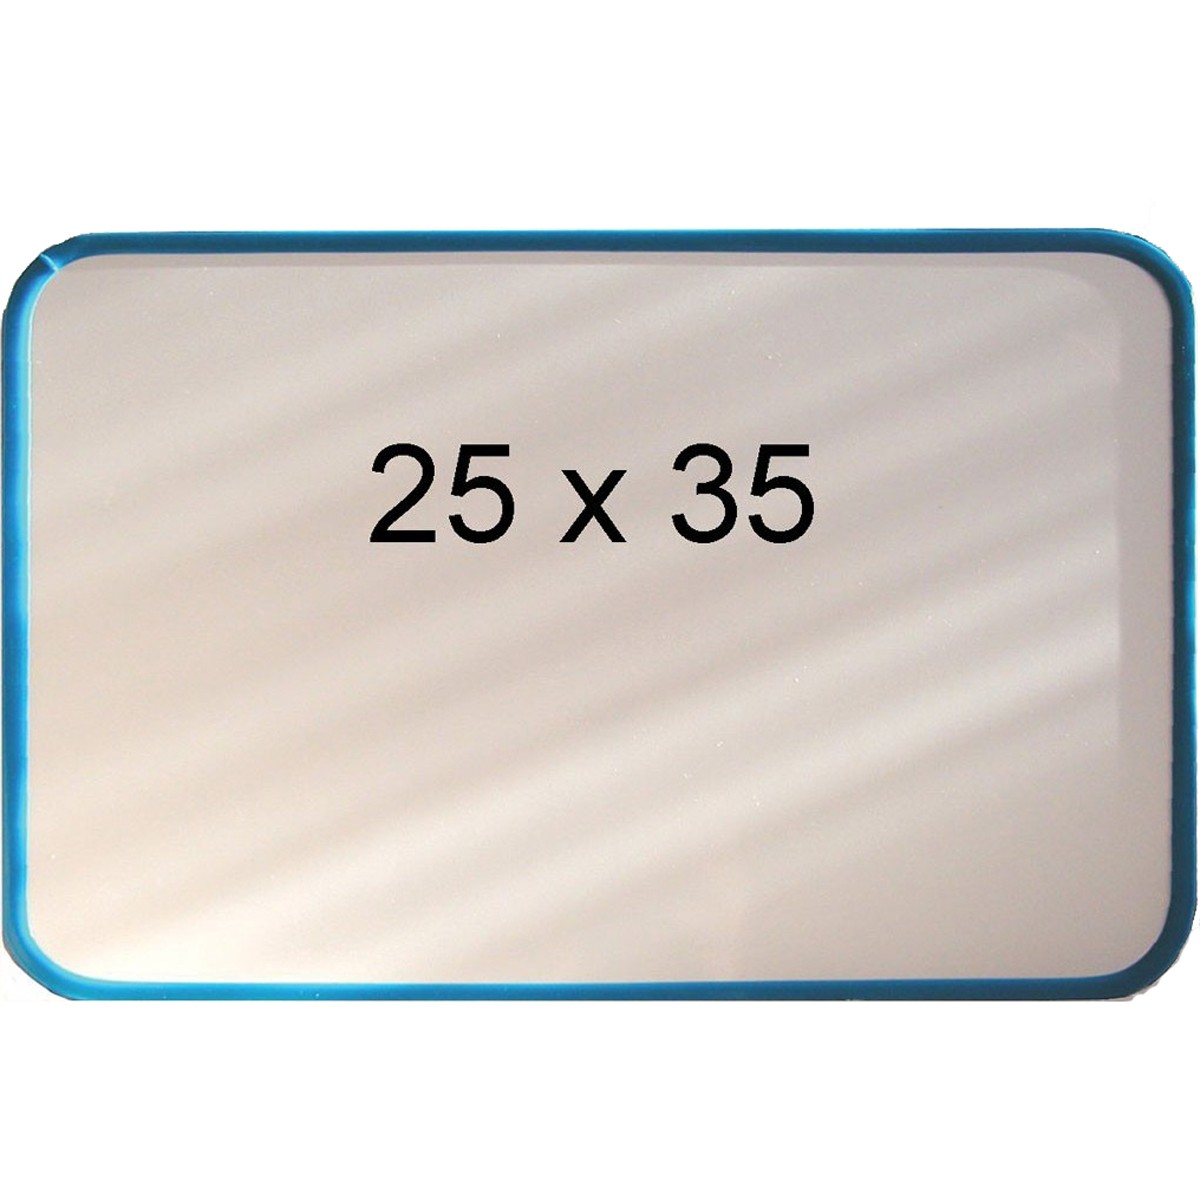 Magnet & whiteboardtavla 25 x 35 blå ram